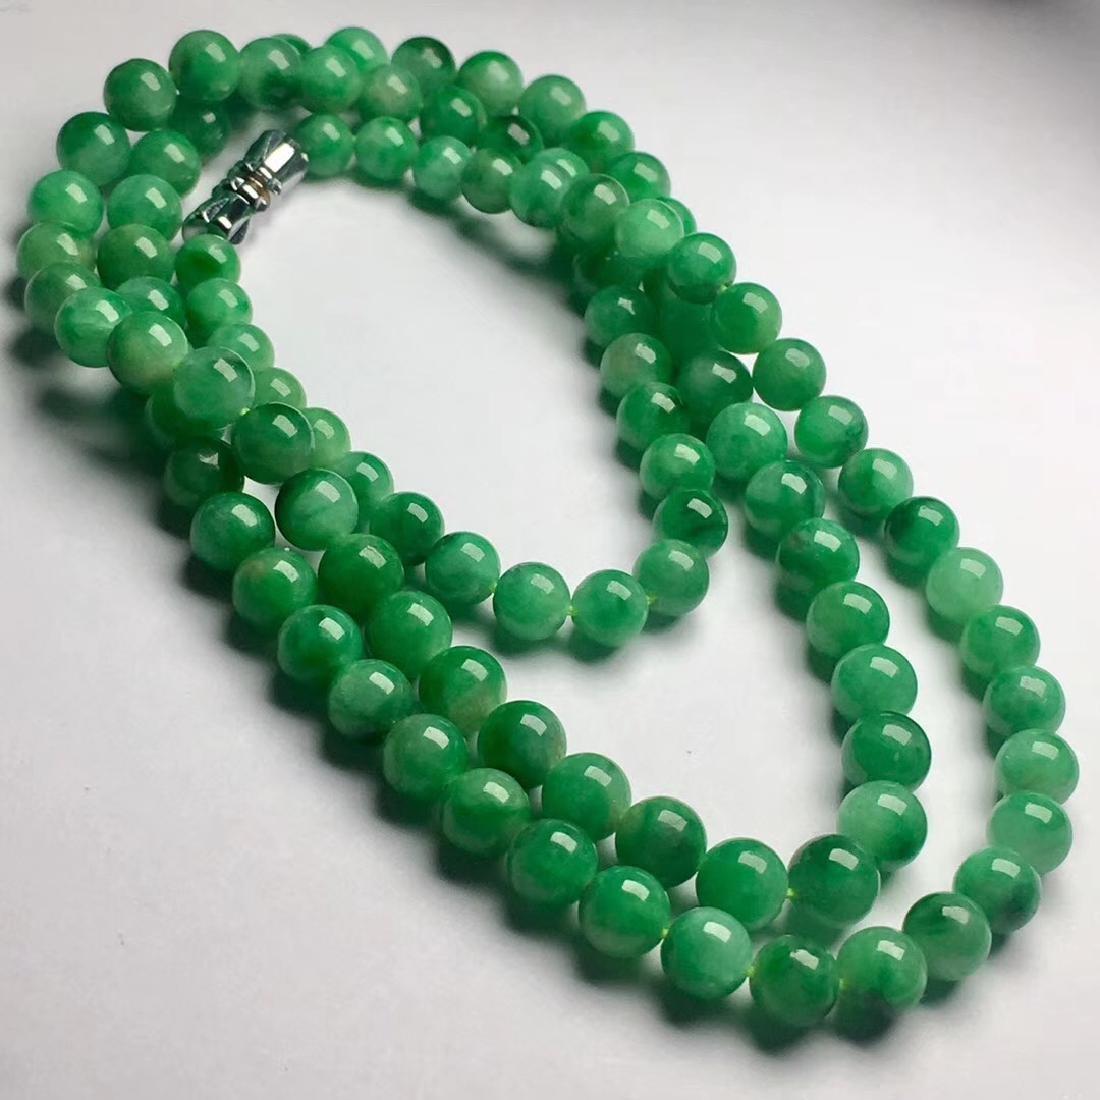 Natural Green Jadeite Necklace - 4